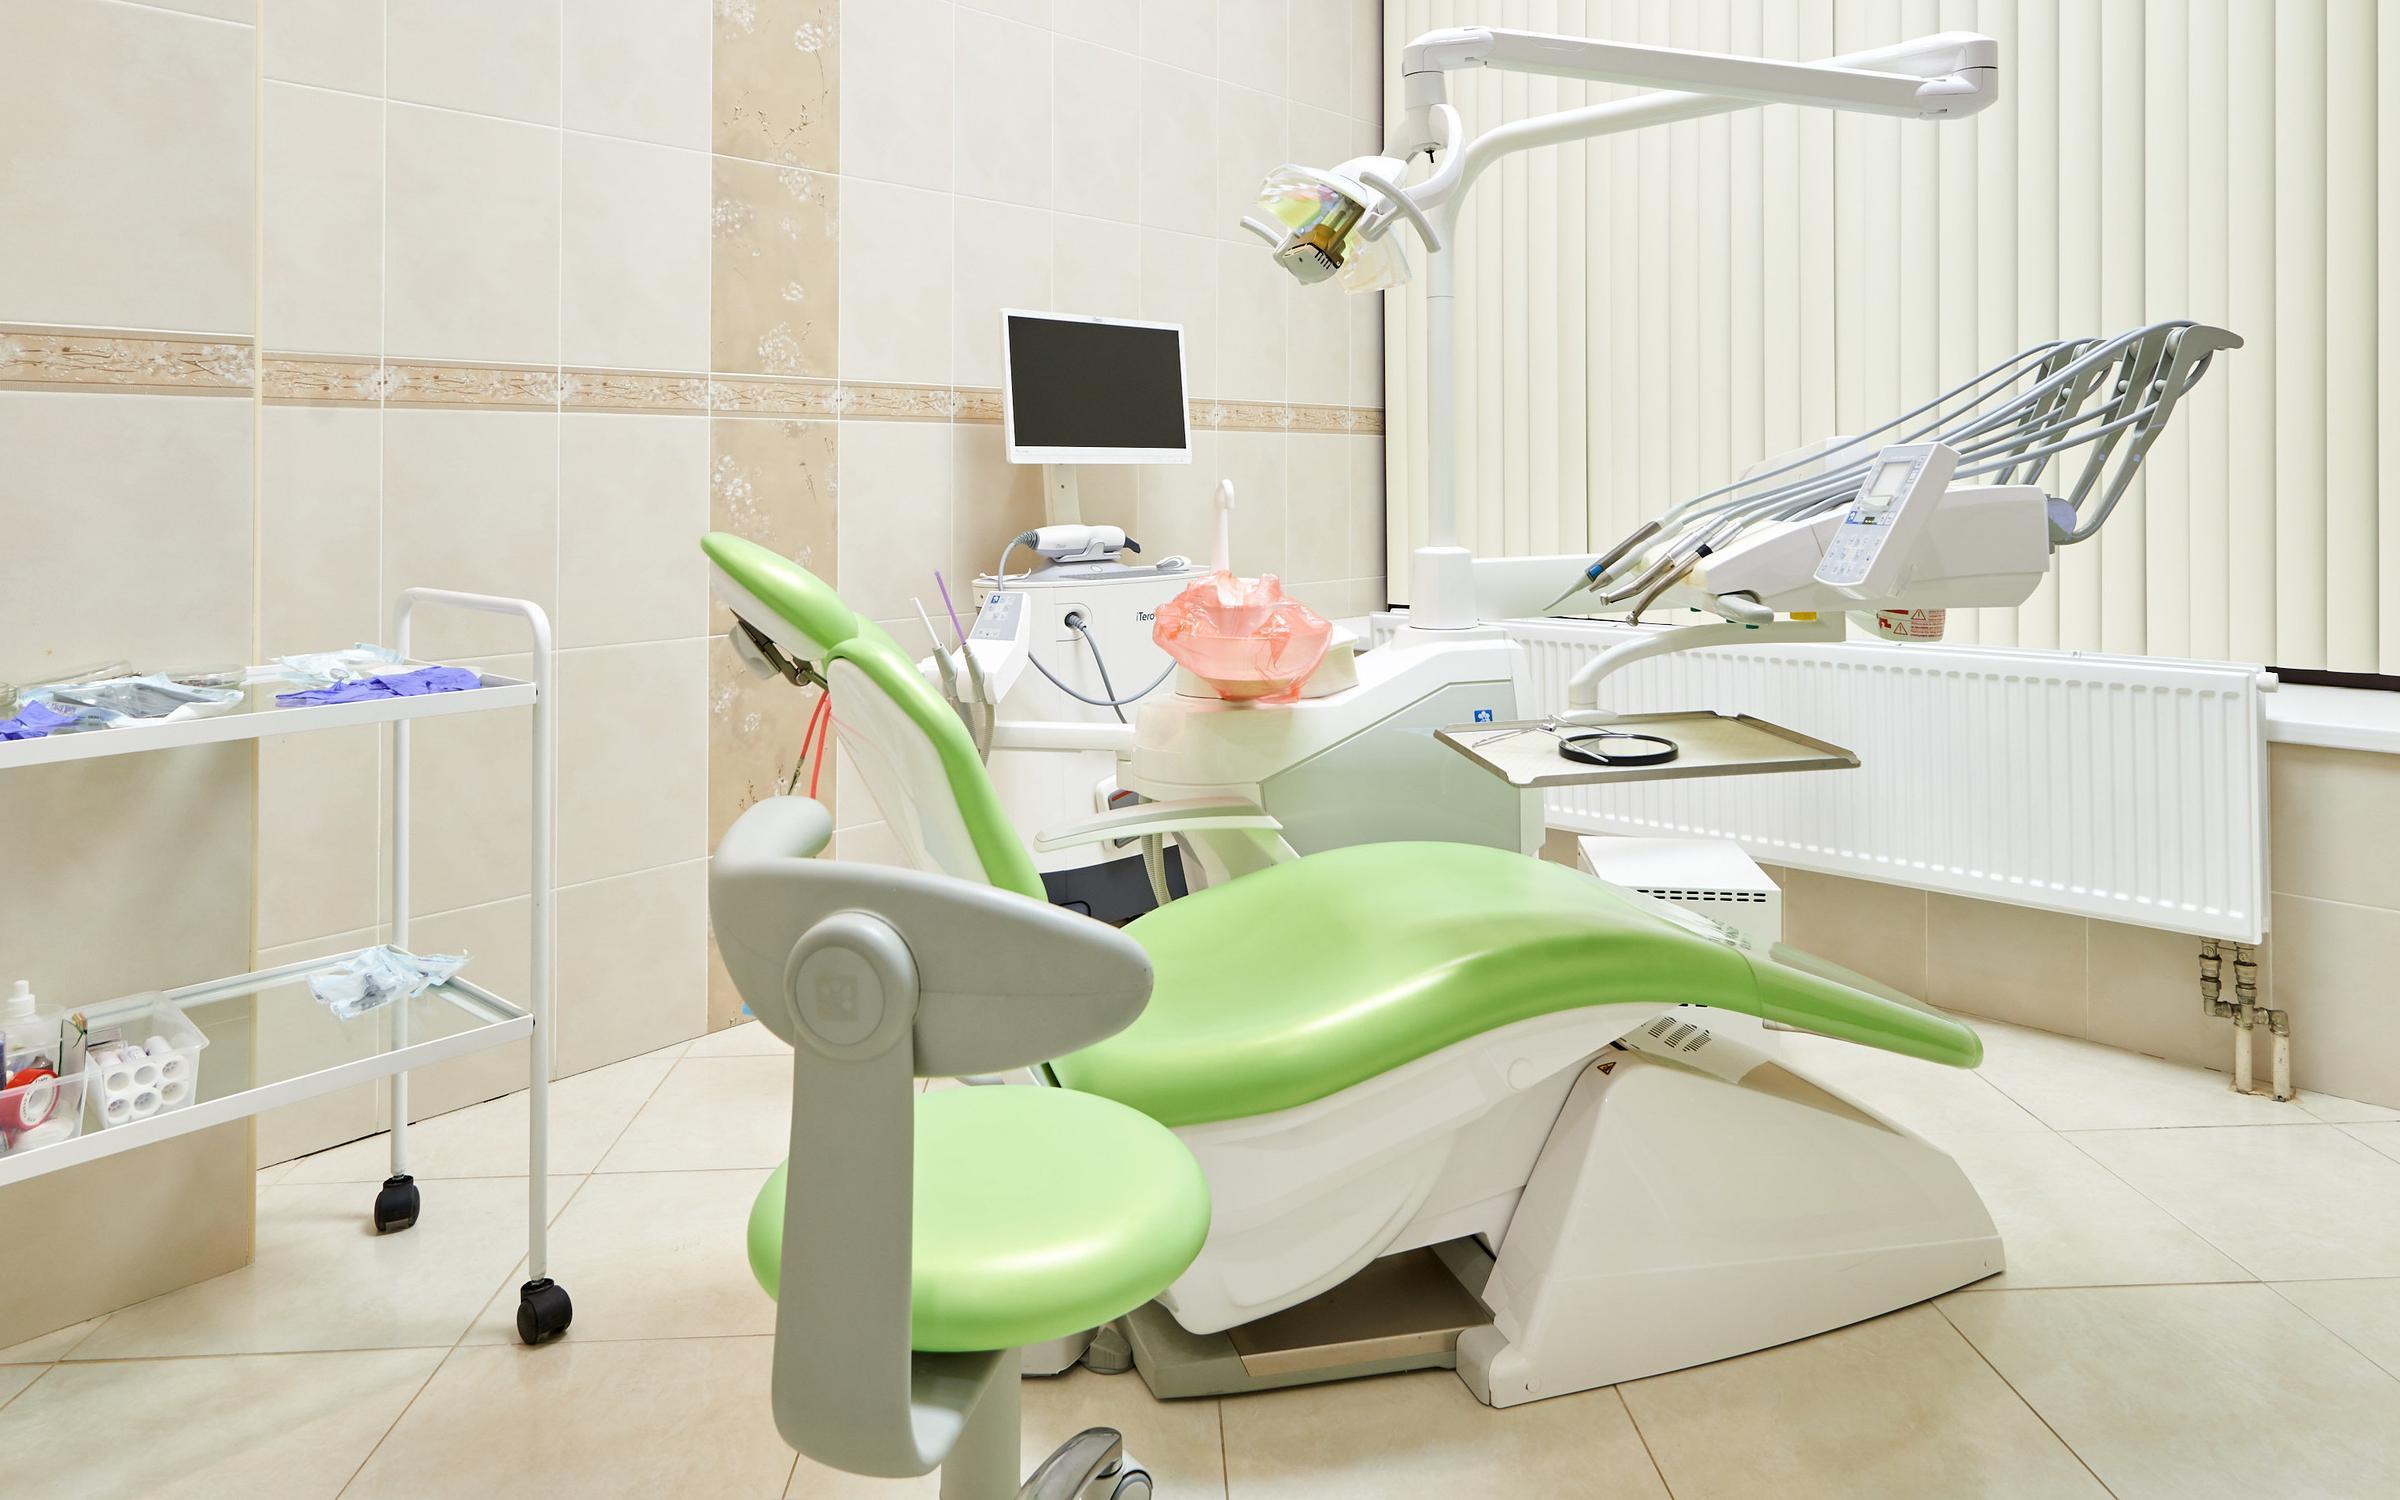 фотография Центра имплантации и стоматологии ИНТАН в Кудрово на Ленинградской улице